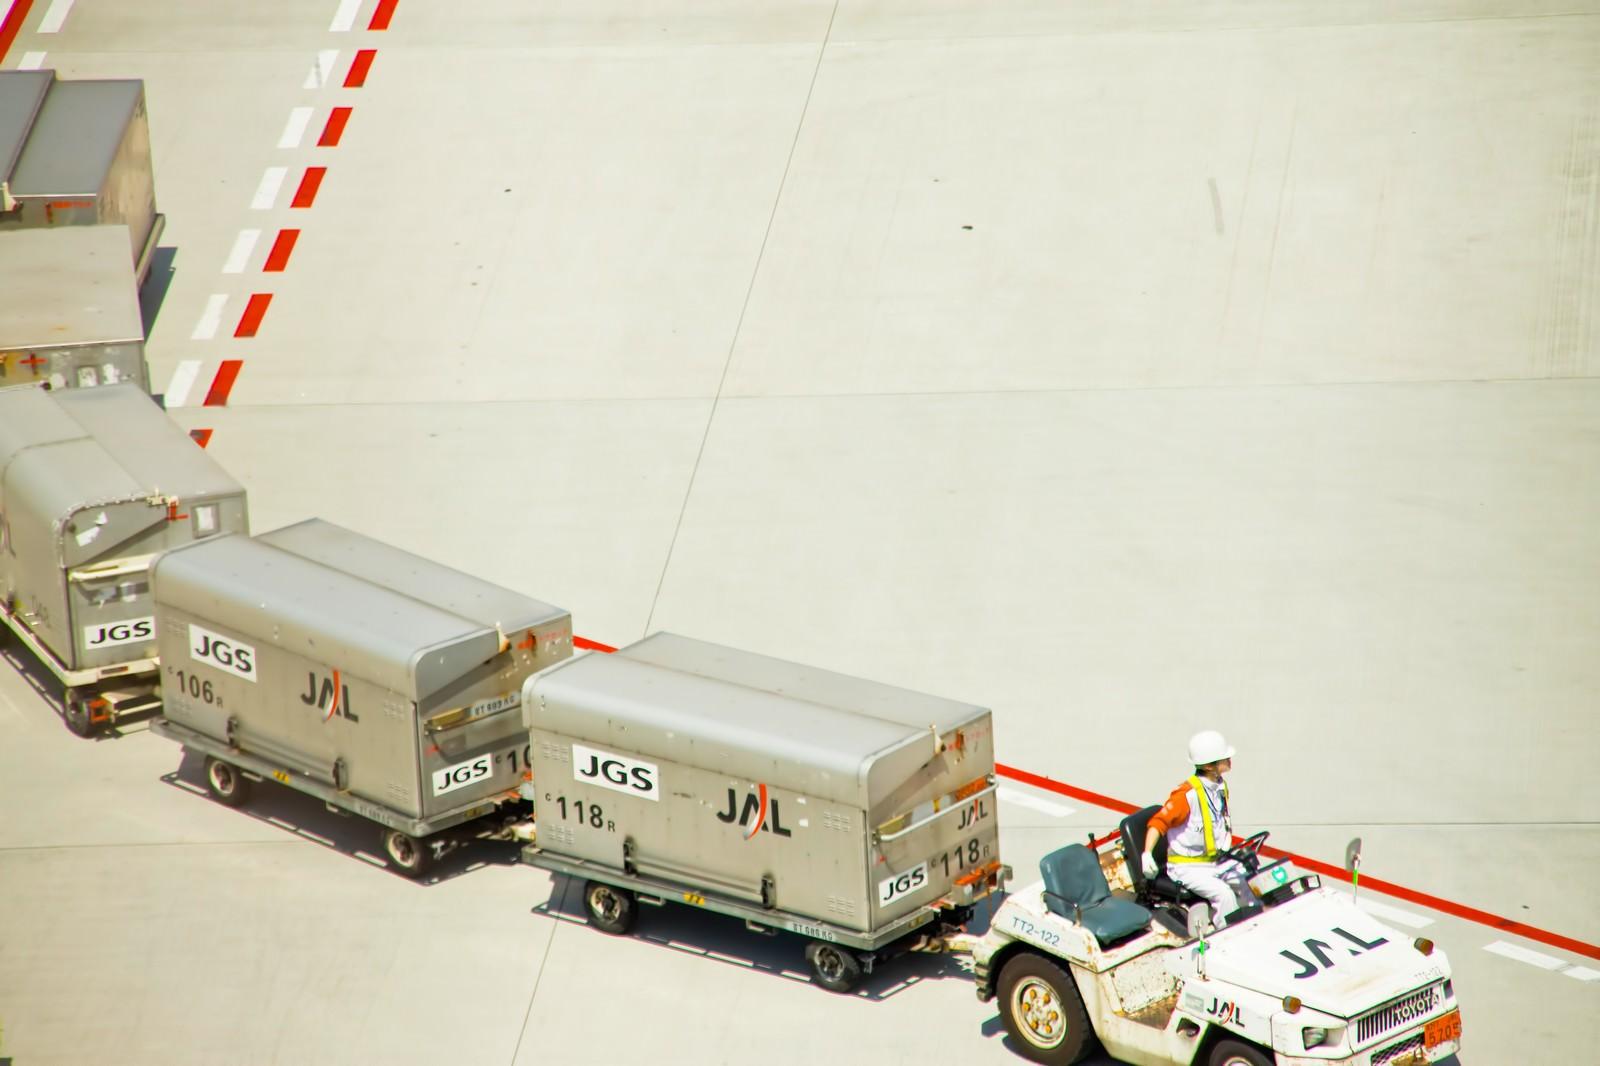 「空港のコンテナを運ぶ車」の写真